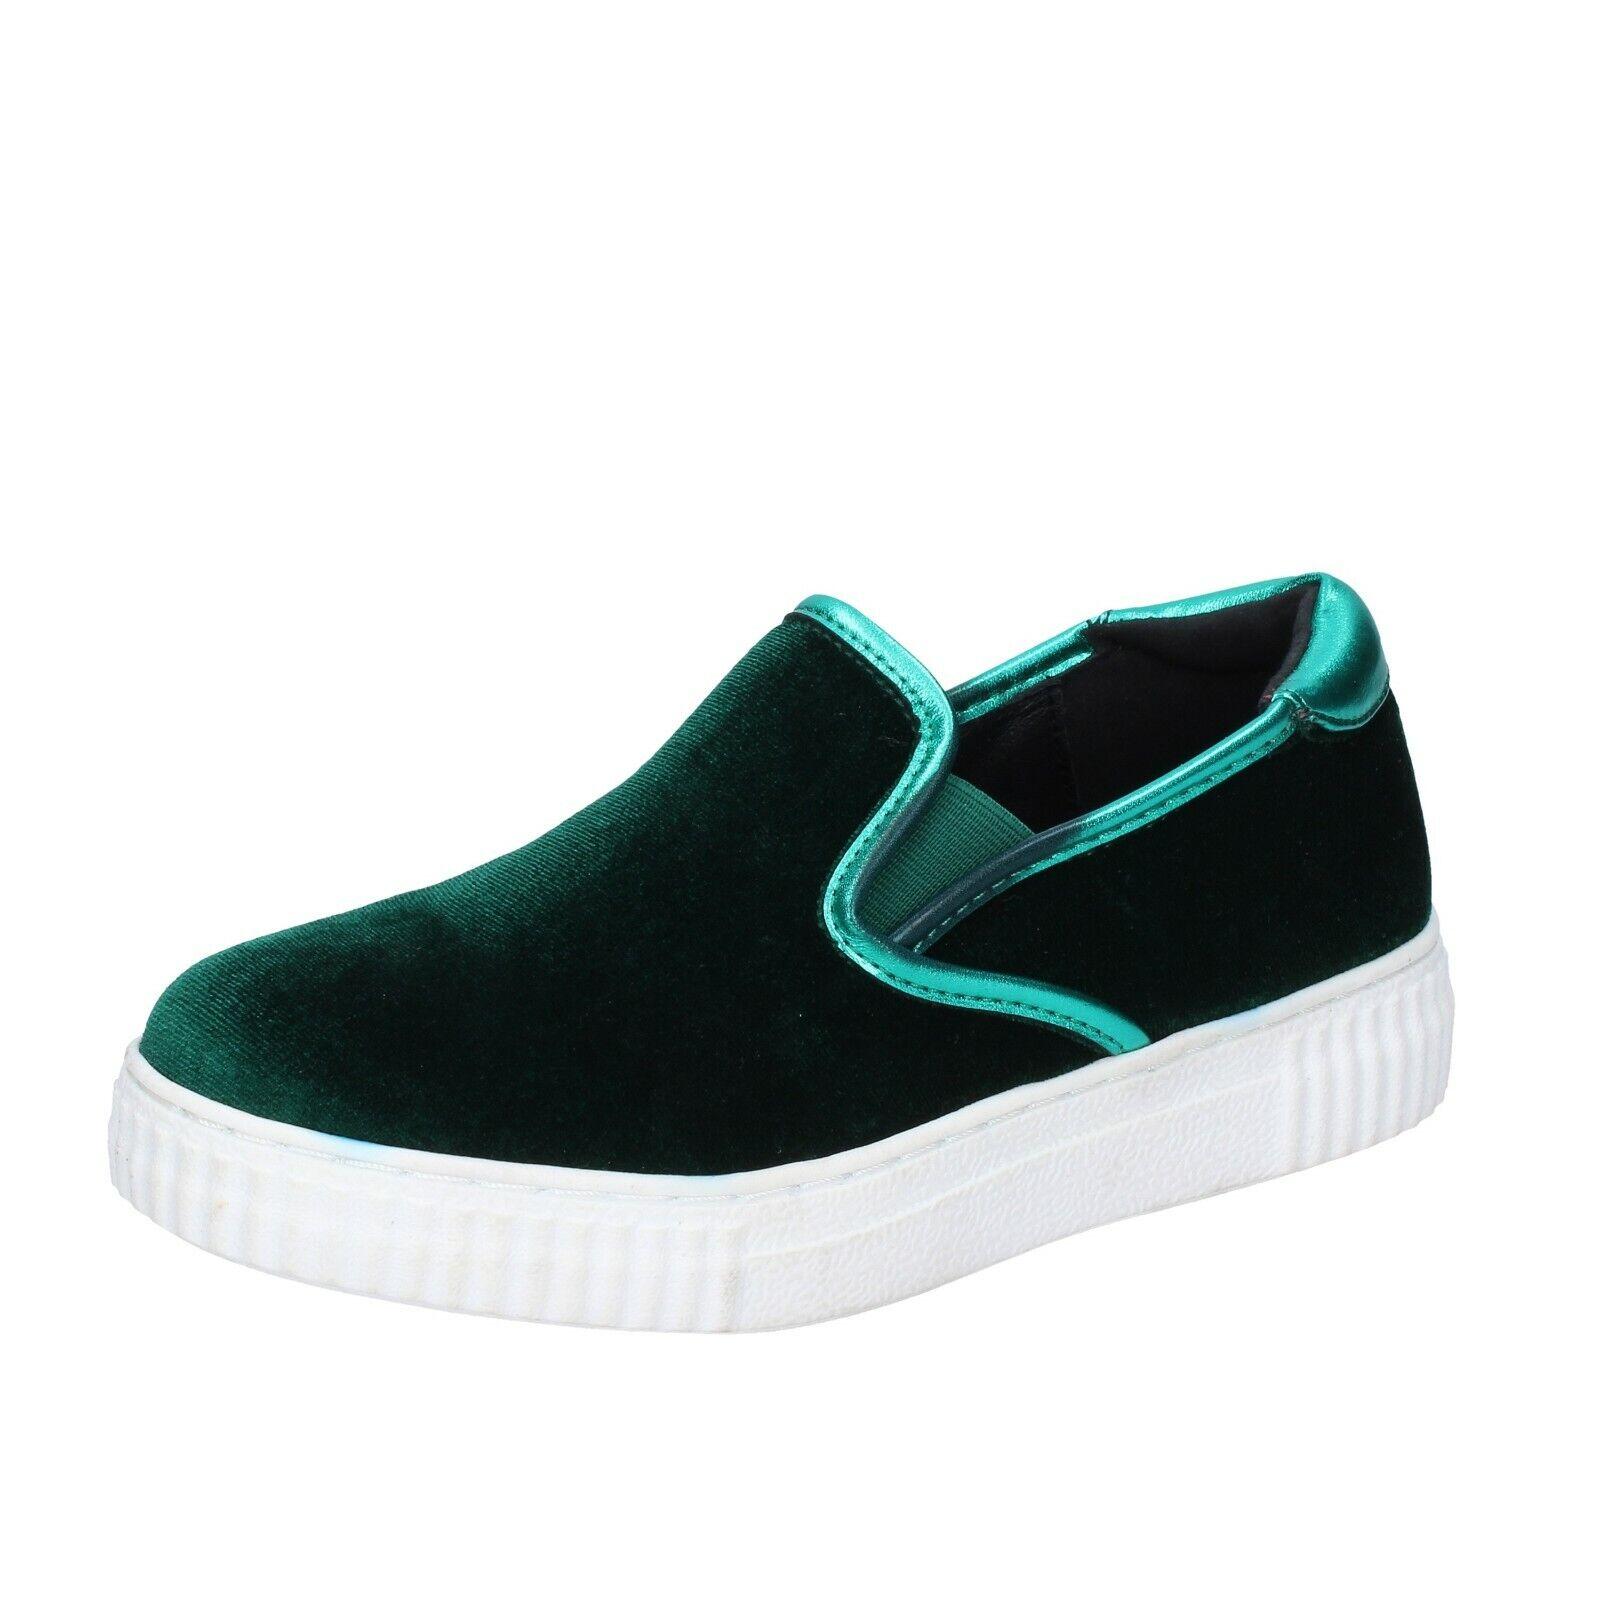 Chaussures Femmes Francesco Milano 35 UE Slip On Vert Velours br31-35